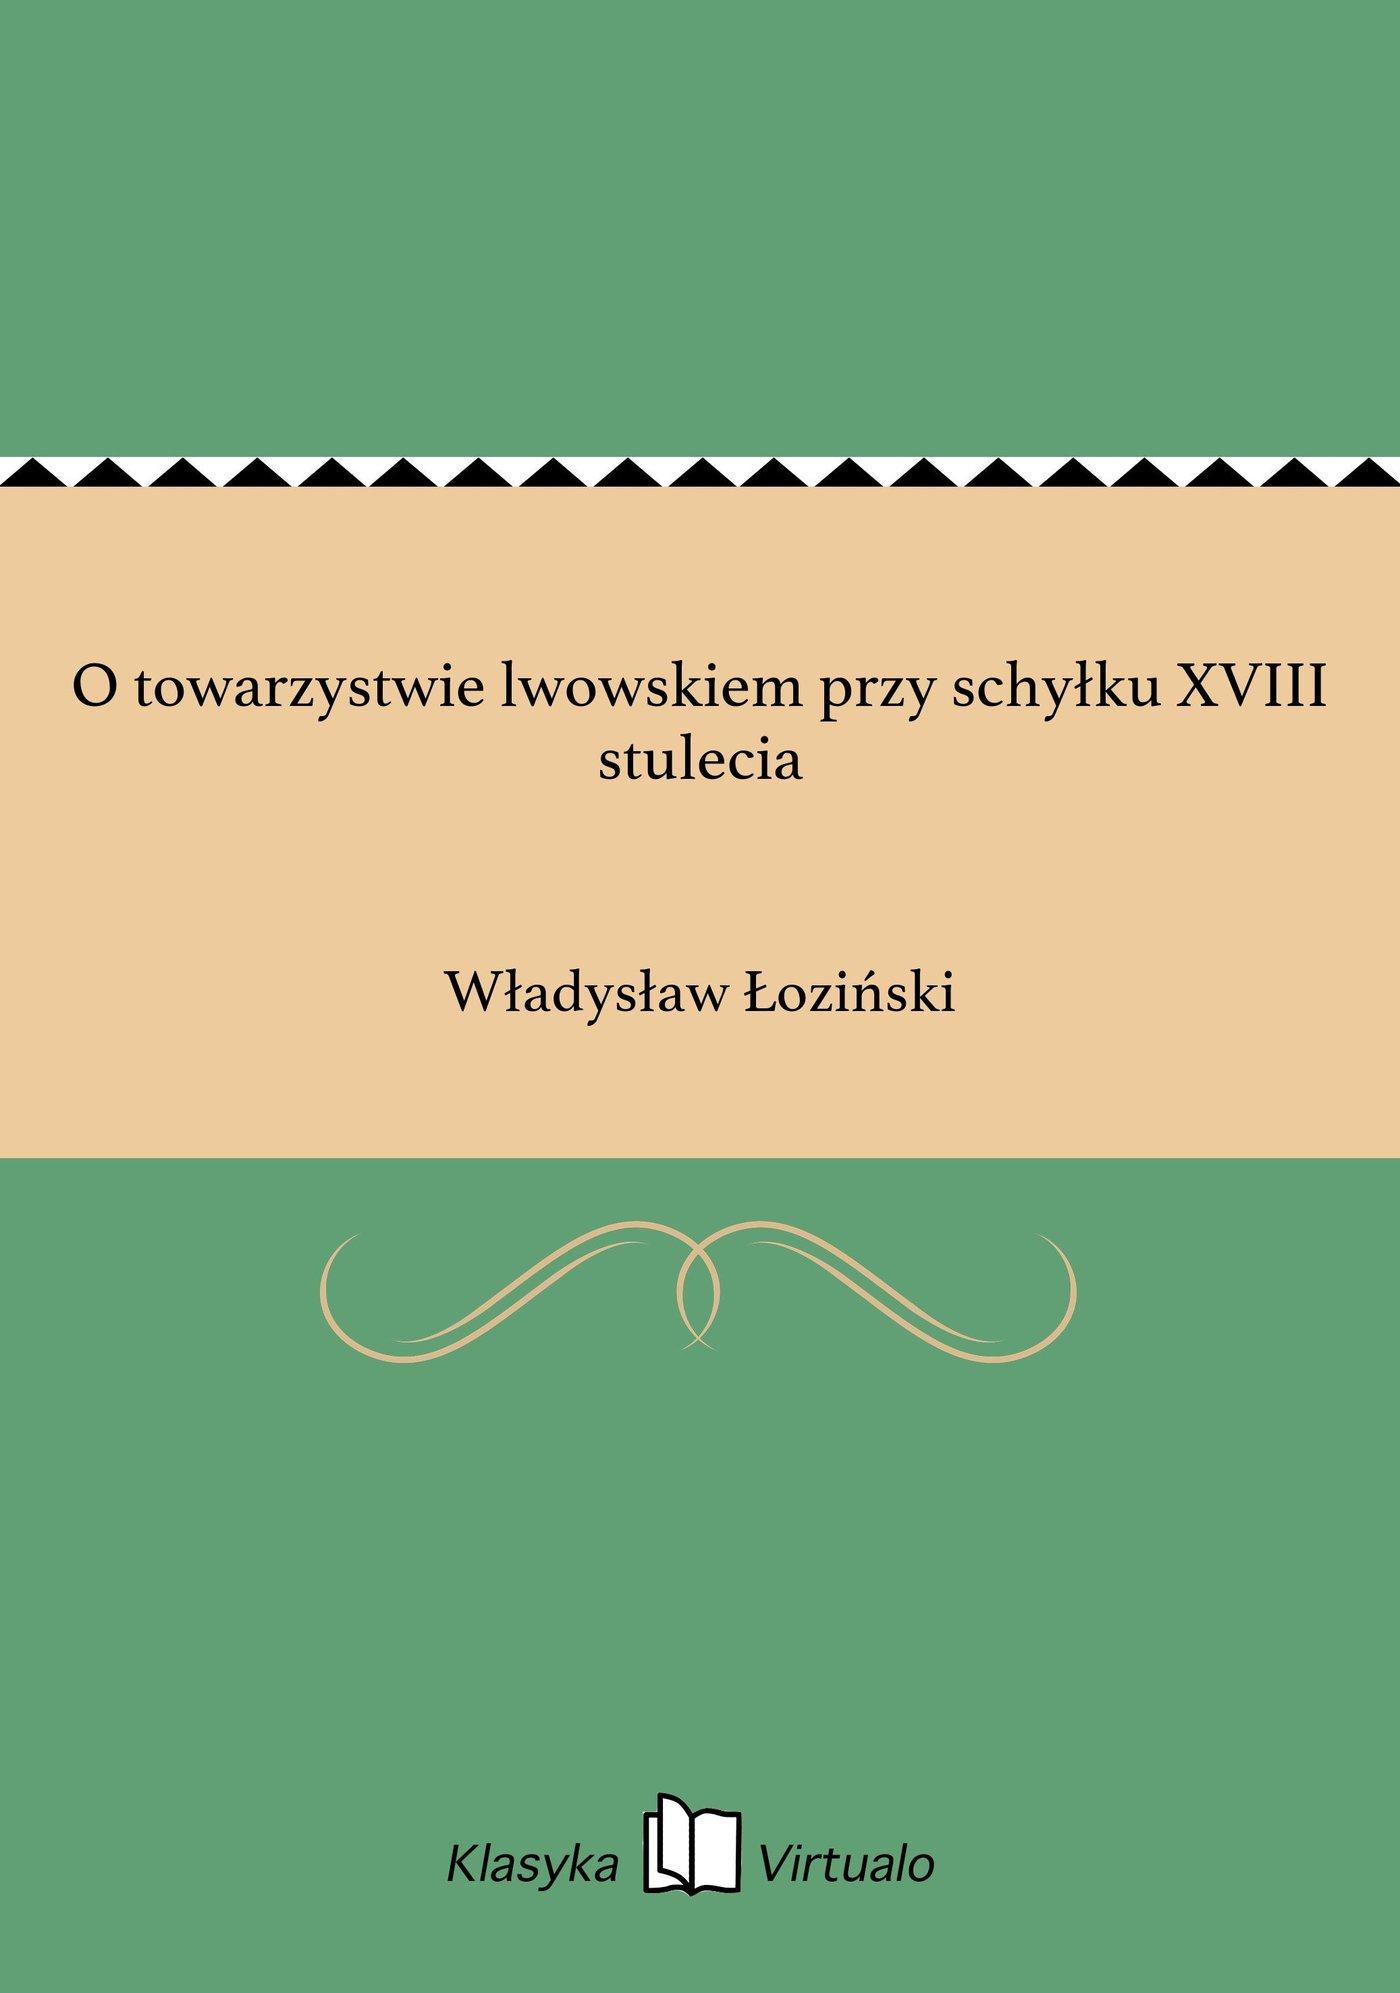 O towarzystwie lwowskiem przy schyłku XVIII stulecia - Ebook (Książka EPUB) do pobrania w formacie EPUB